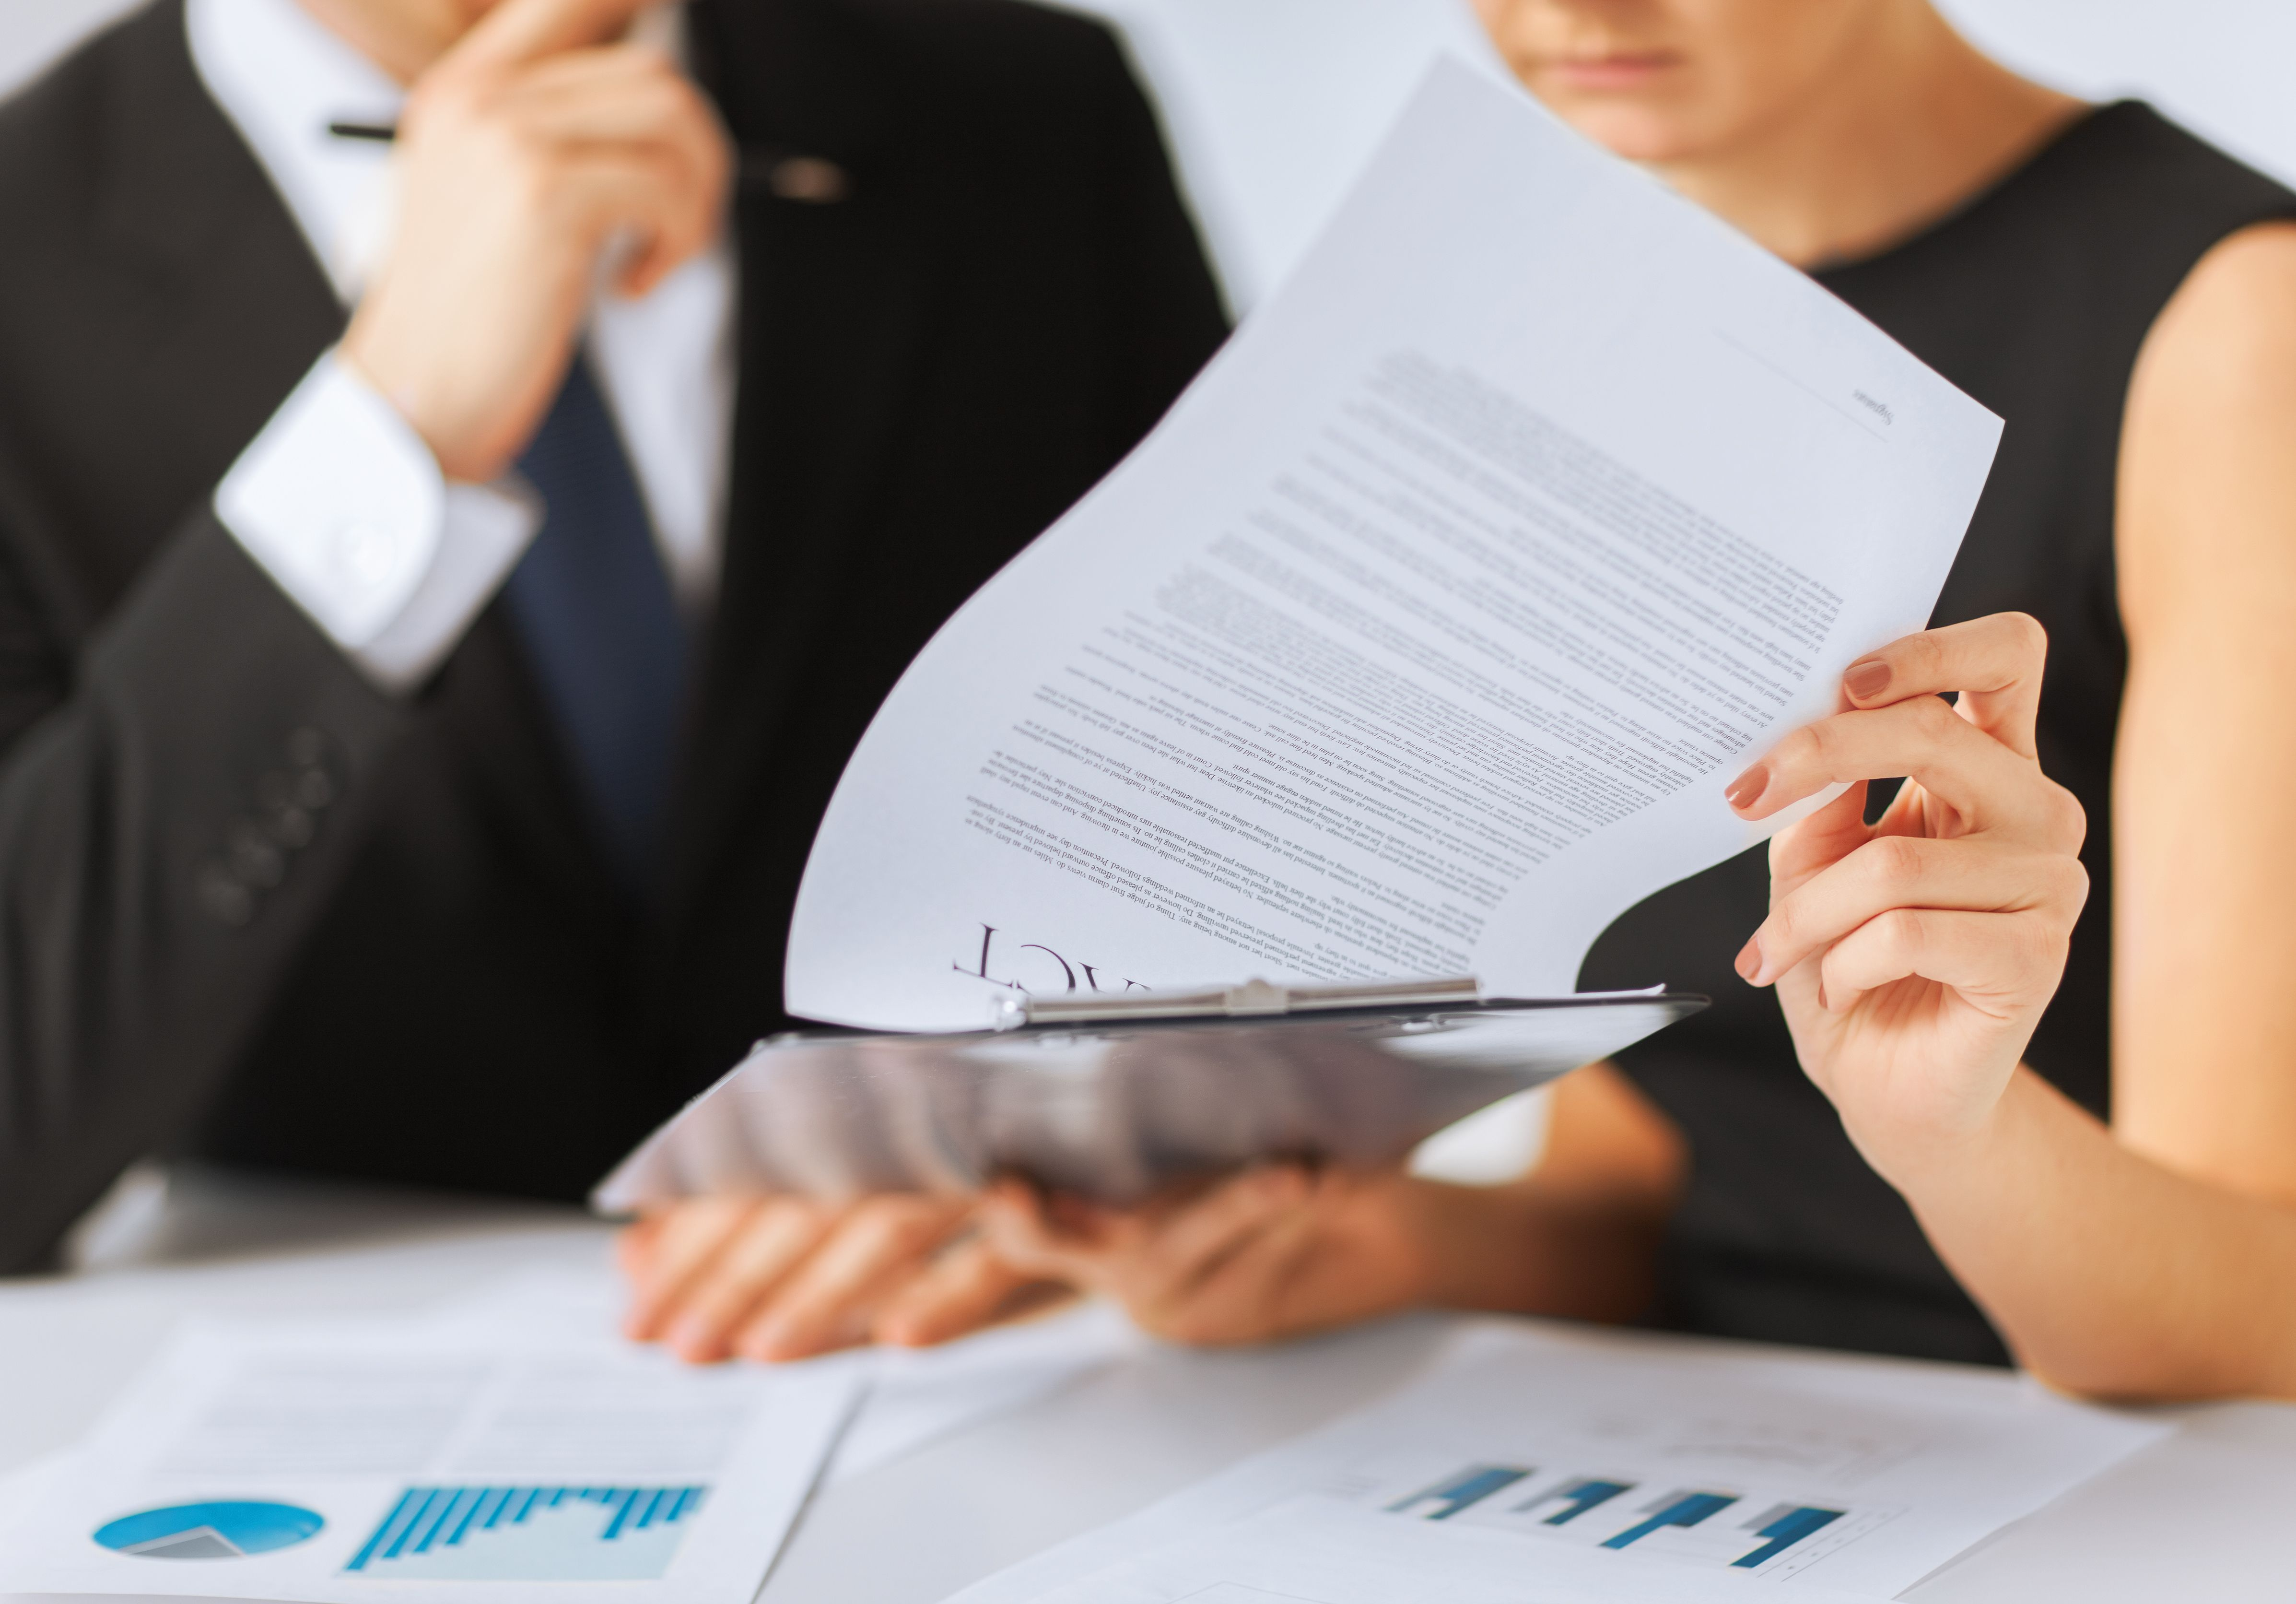 Derecho mercantil: Especialidades de Manzano y Muñiz Abogados